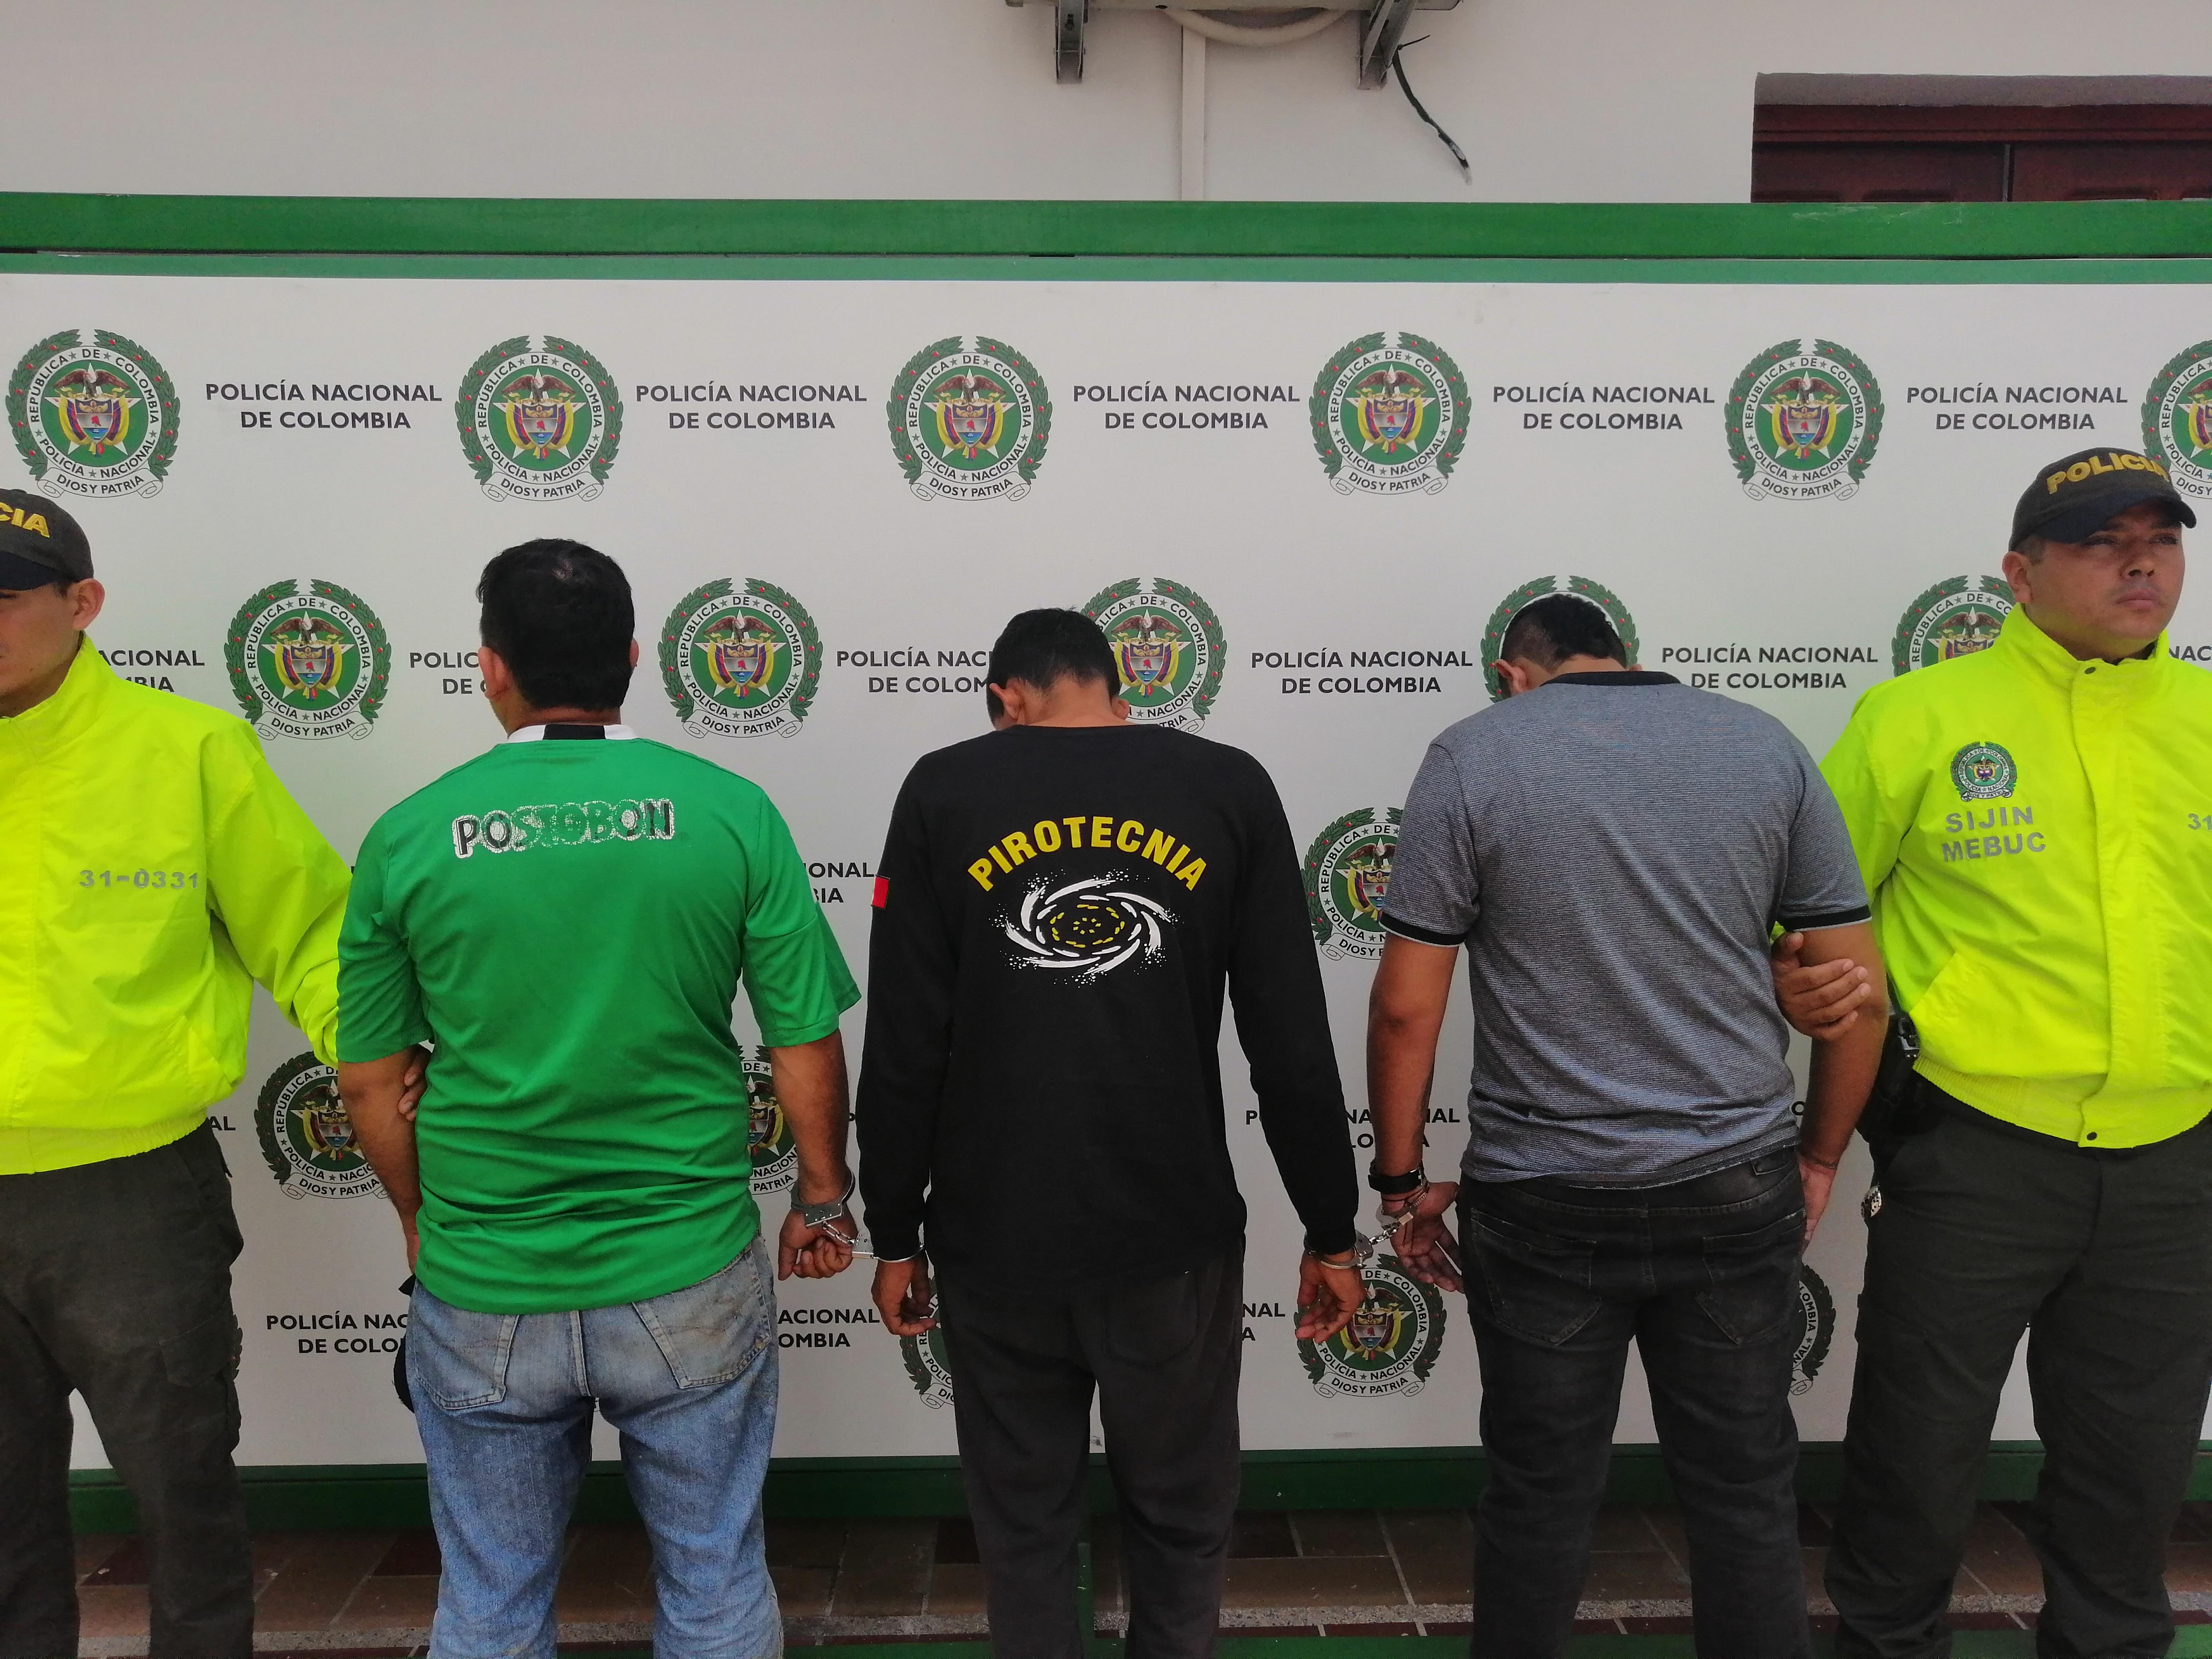 Ofensiva contra los hampones en el área metropolitana | Local | Justicia | EL FRENTE